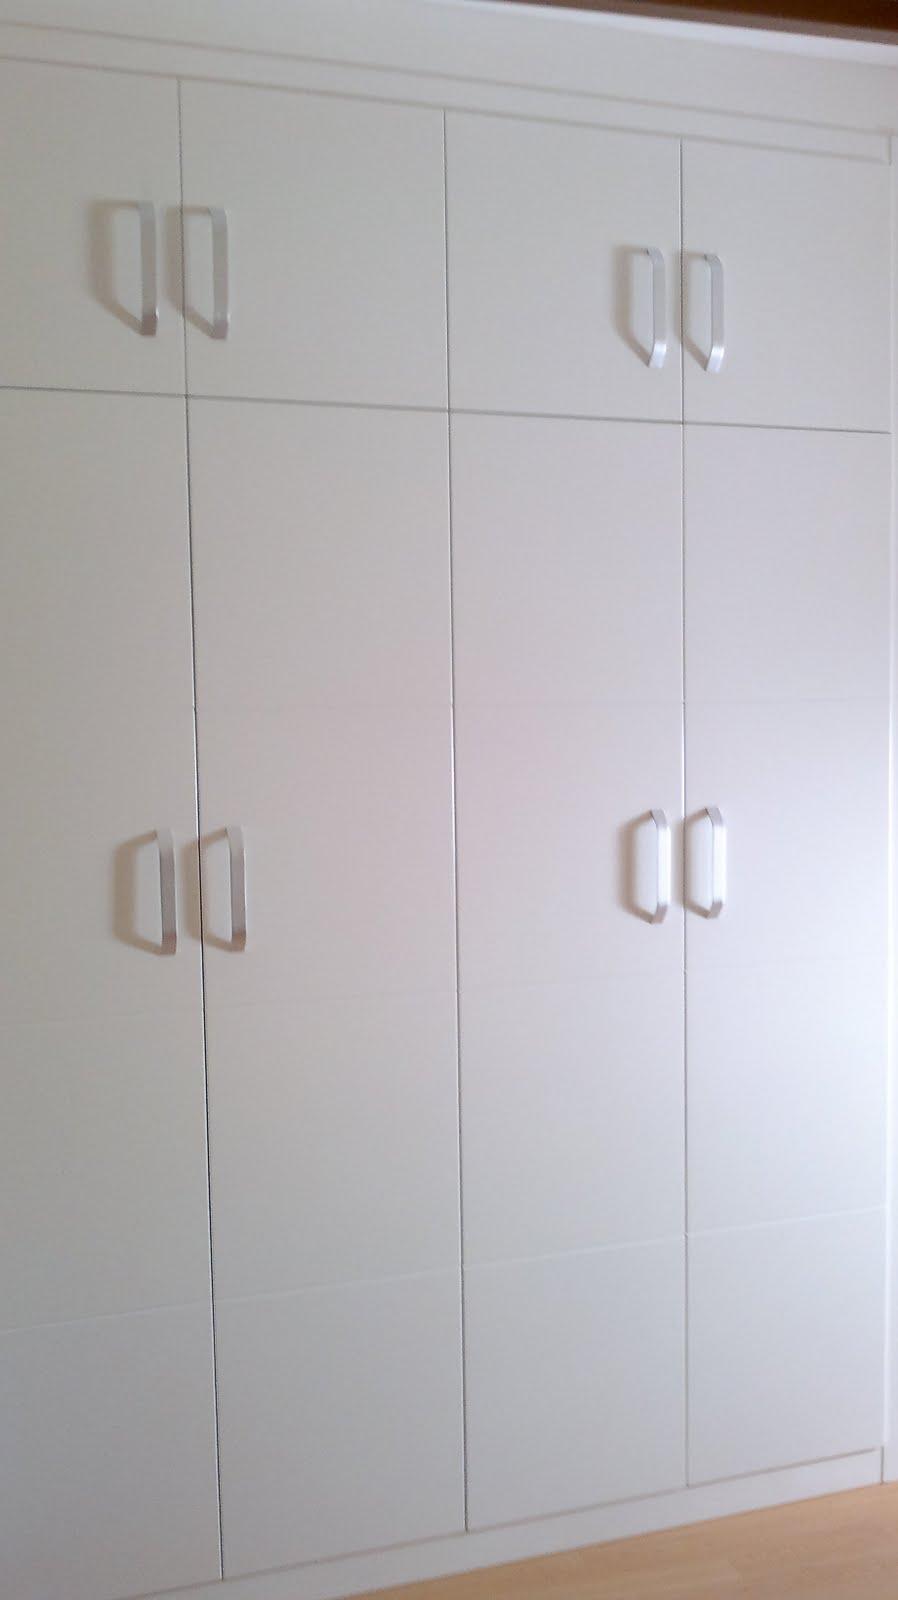 Decoraciones sahuquillo armario lacado puertas ranuradas for Decoracion de armarios